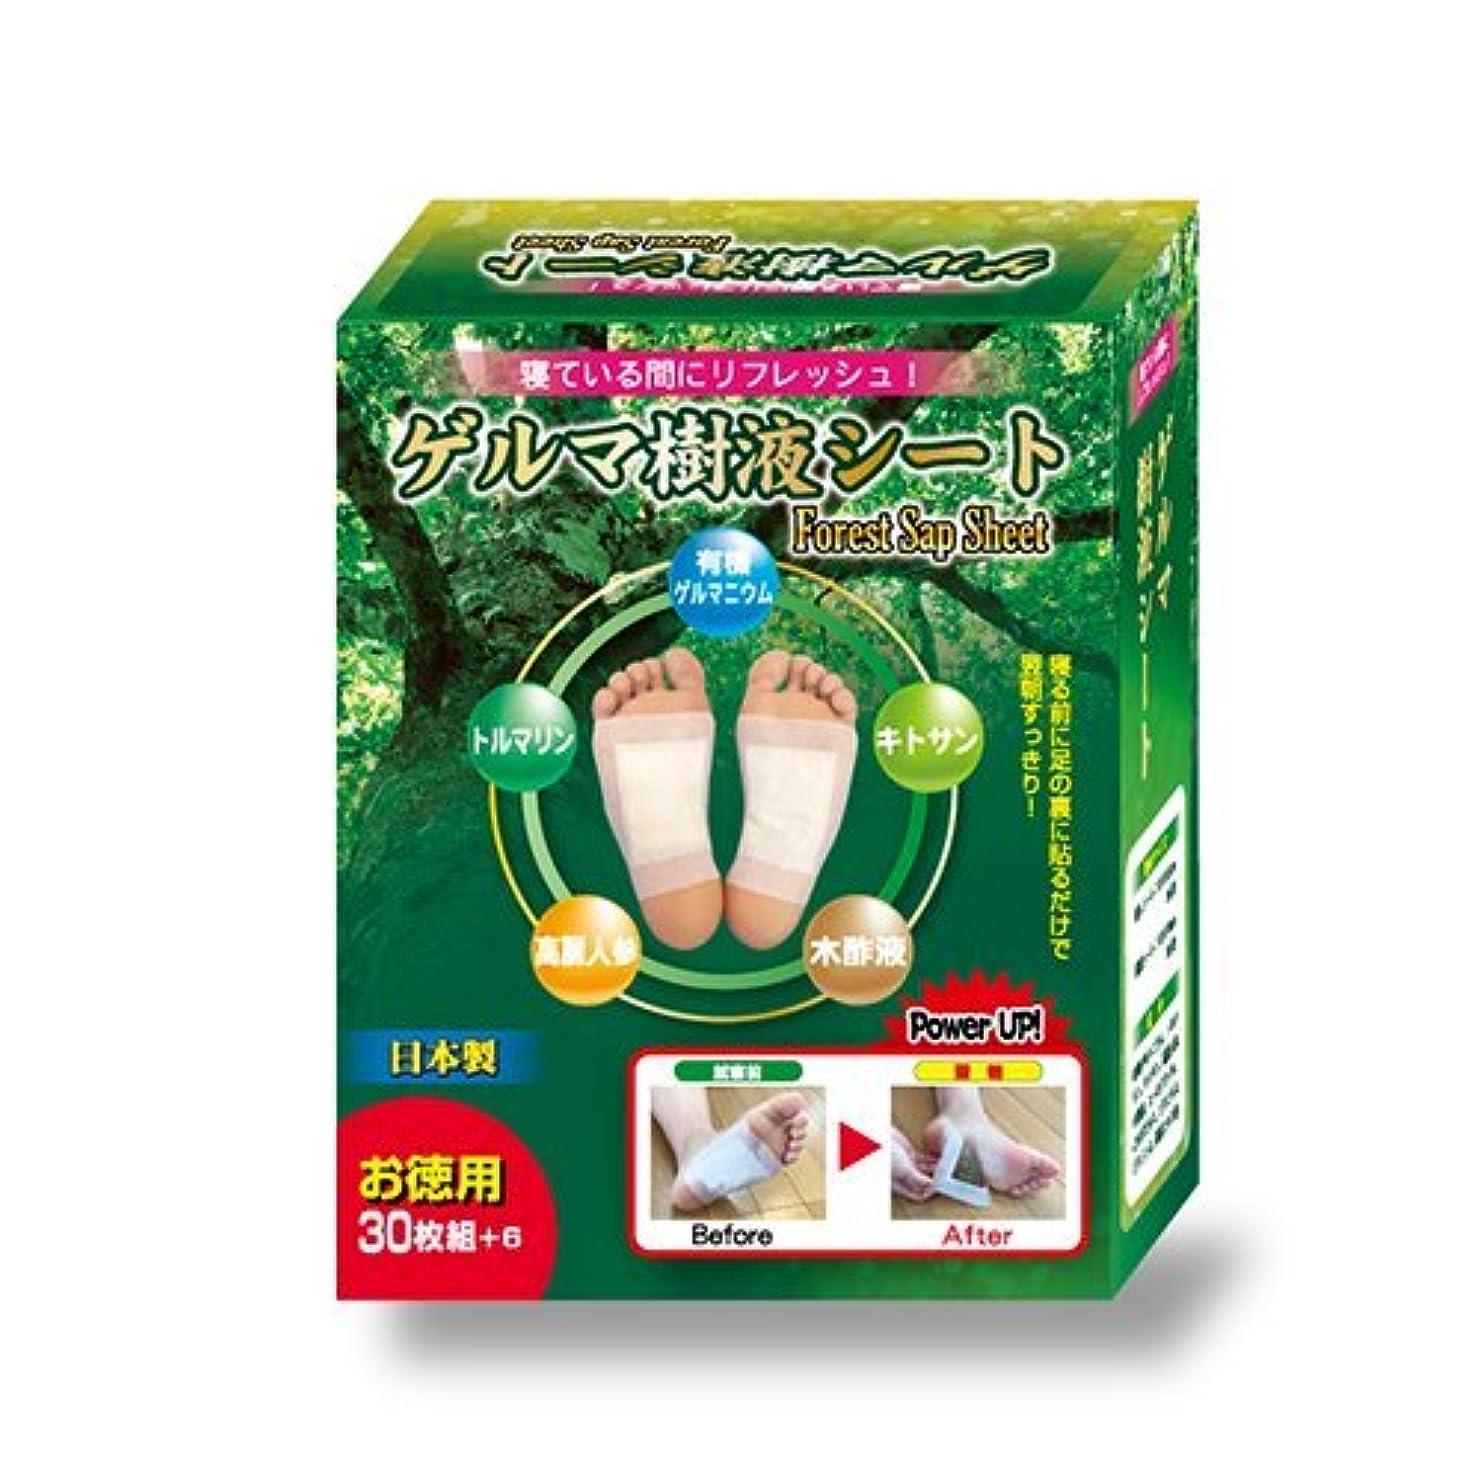 稚魚なだめる腹痛ゲルマ樹液シート (足裏シート) 30+6枚入り(Forest Sap Sheet) ‐ GK762314